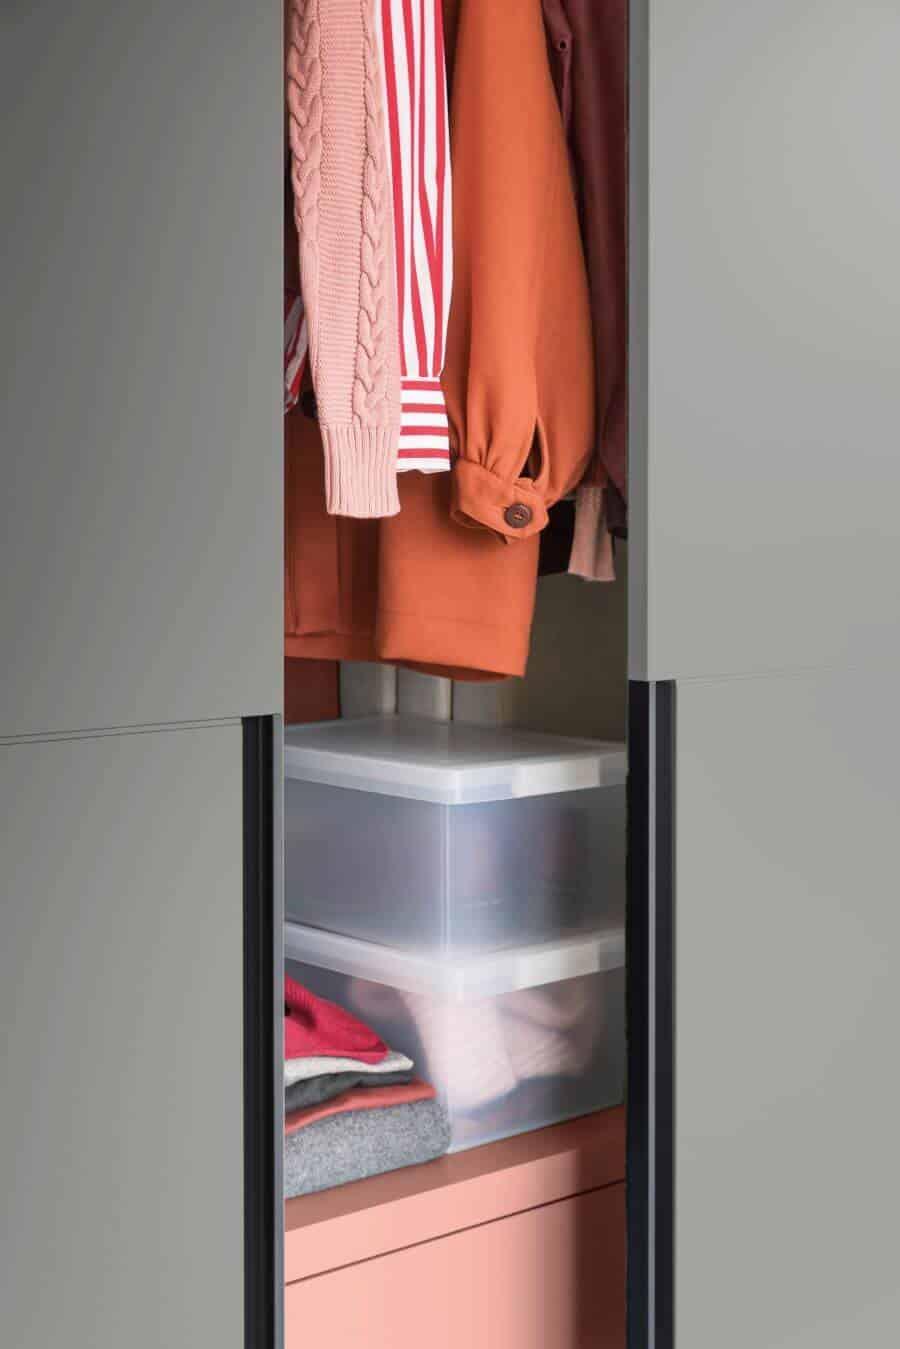 armadio-scorrevole-collezione-honolulo-il-mobile (2)